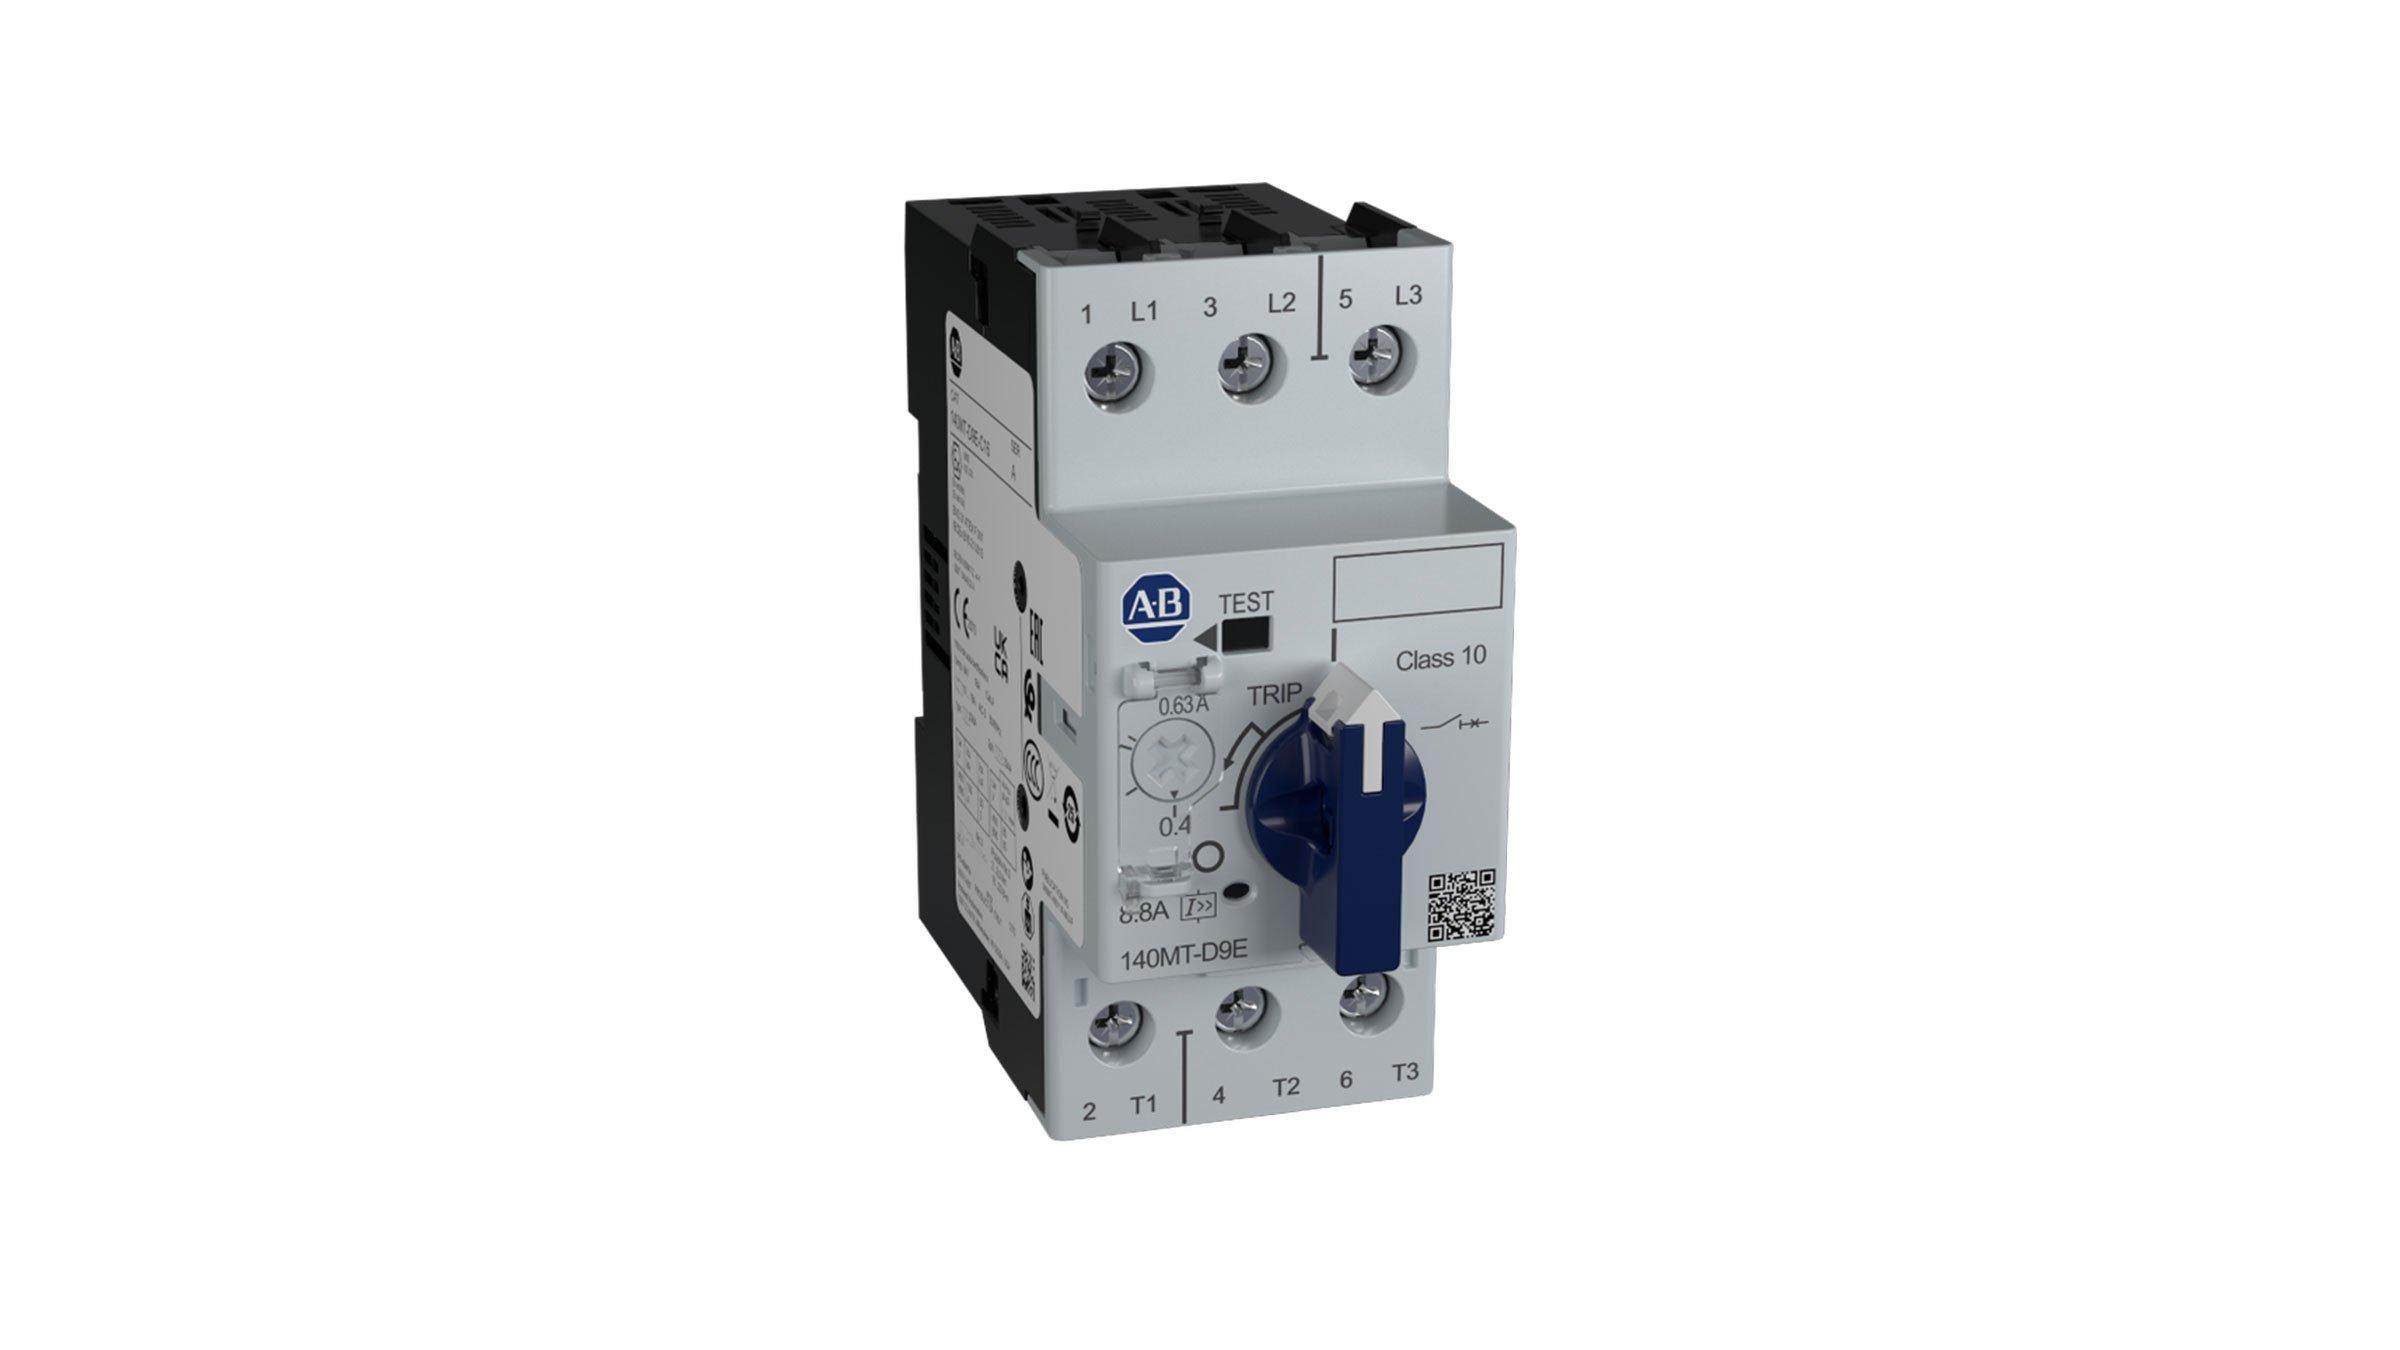 Protecteurs de circuit moteur série140MT-D9N comportant un bouton cadenassable, un commutateur de test de déclenchement et un voyant de déclenchement.